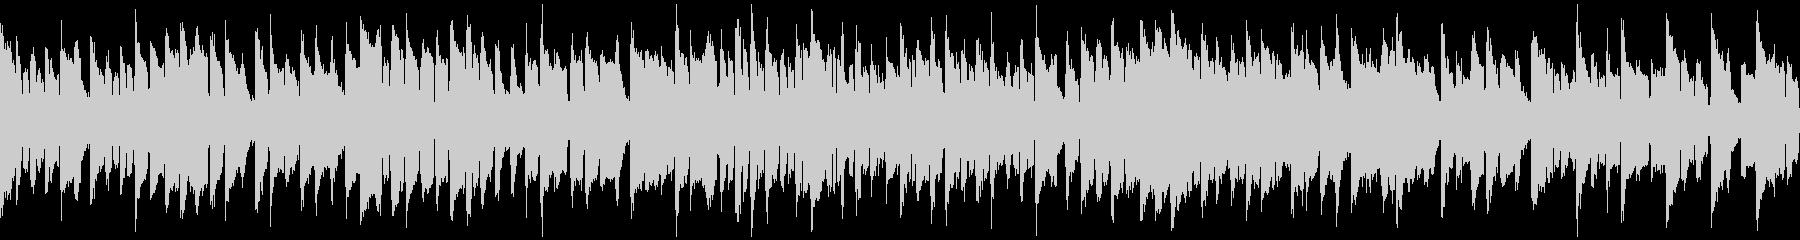 メルヘンチックなリコーダー ※ループ版の未再生の波形